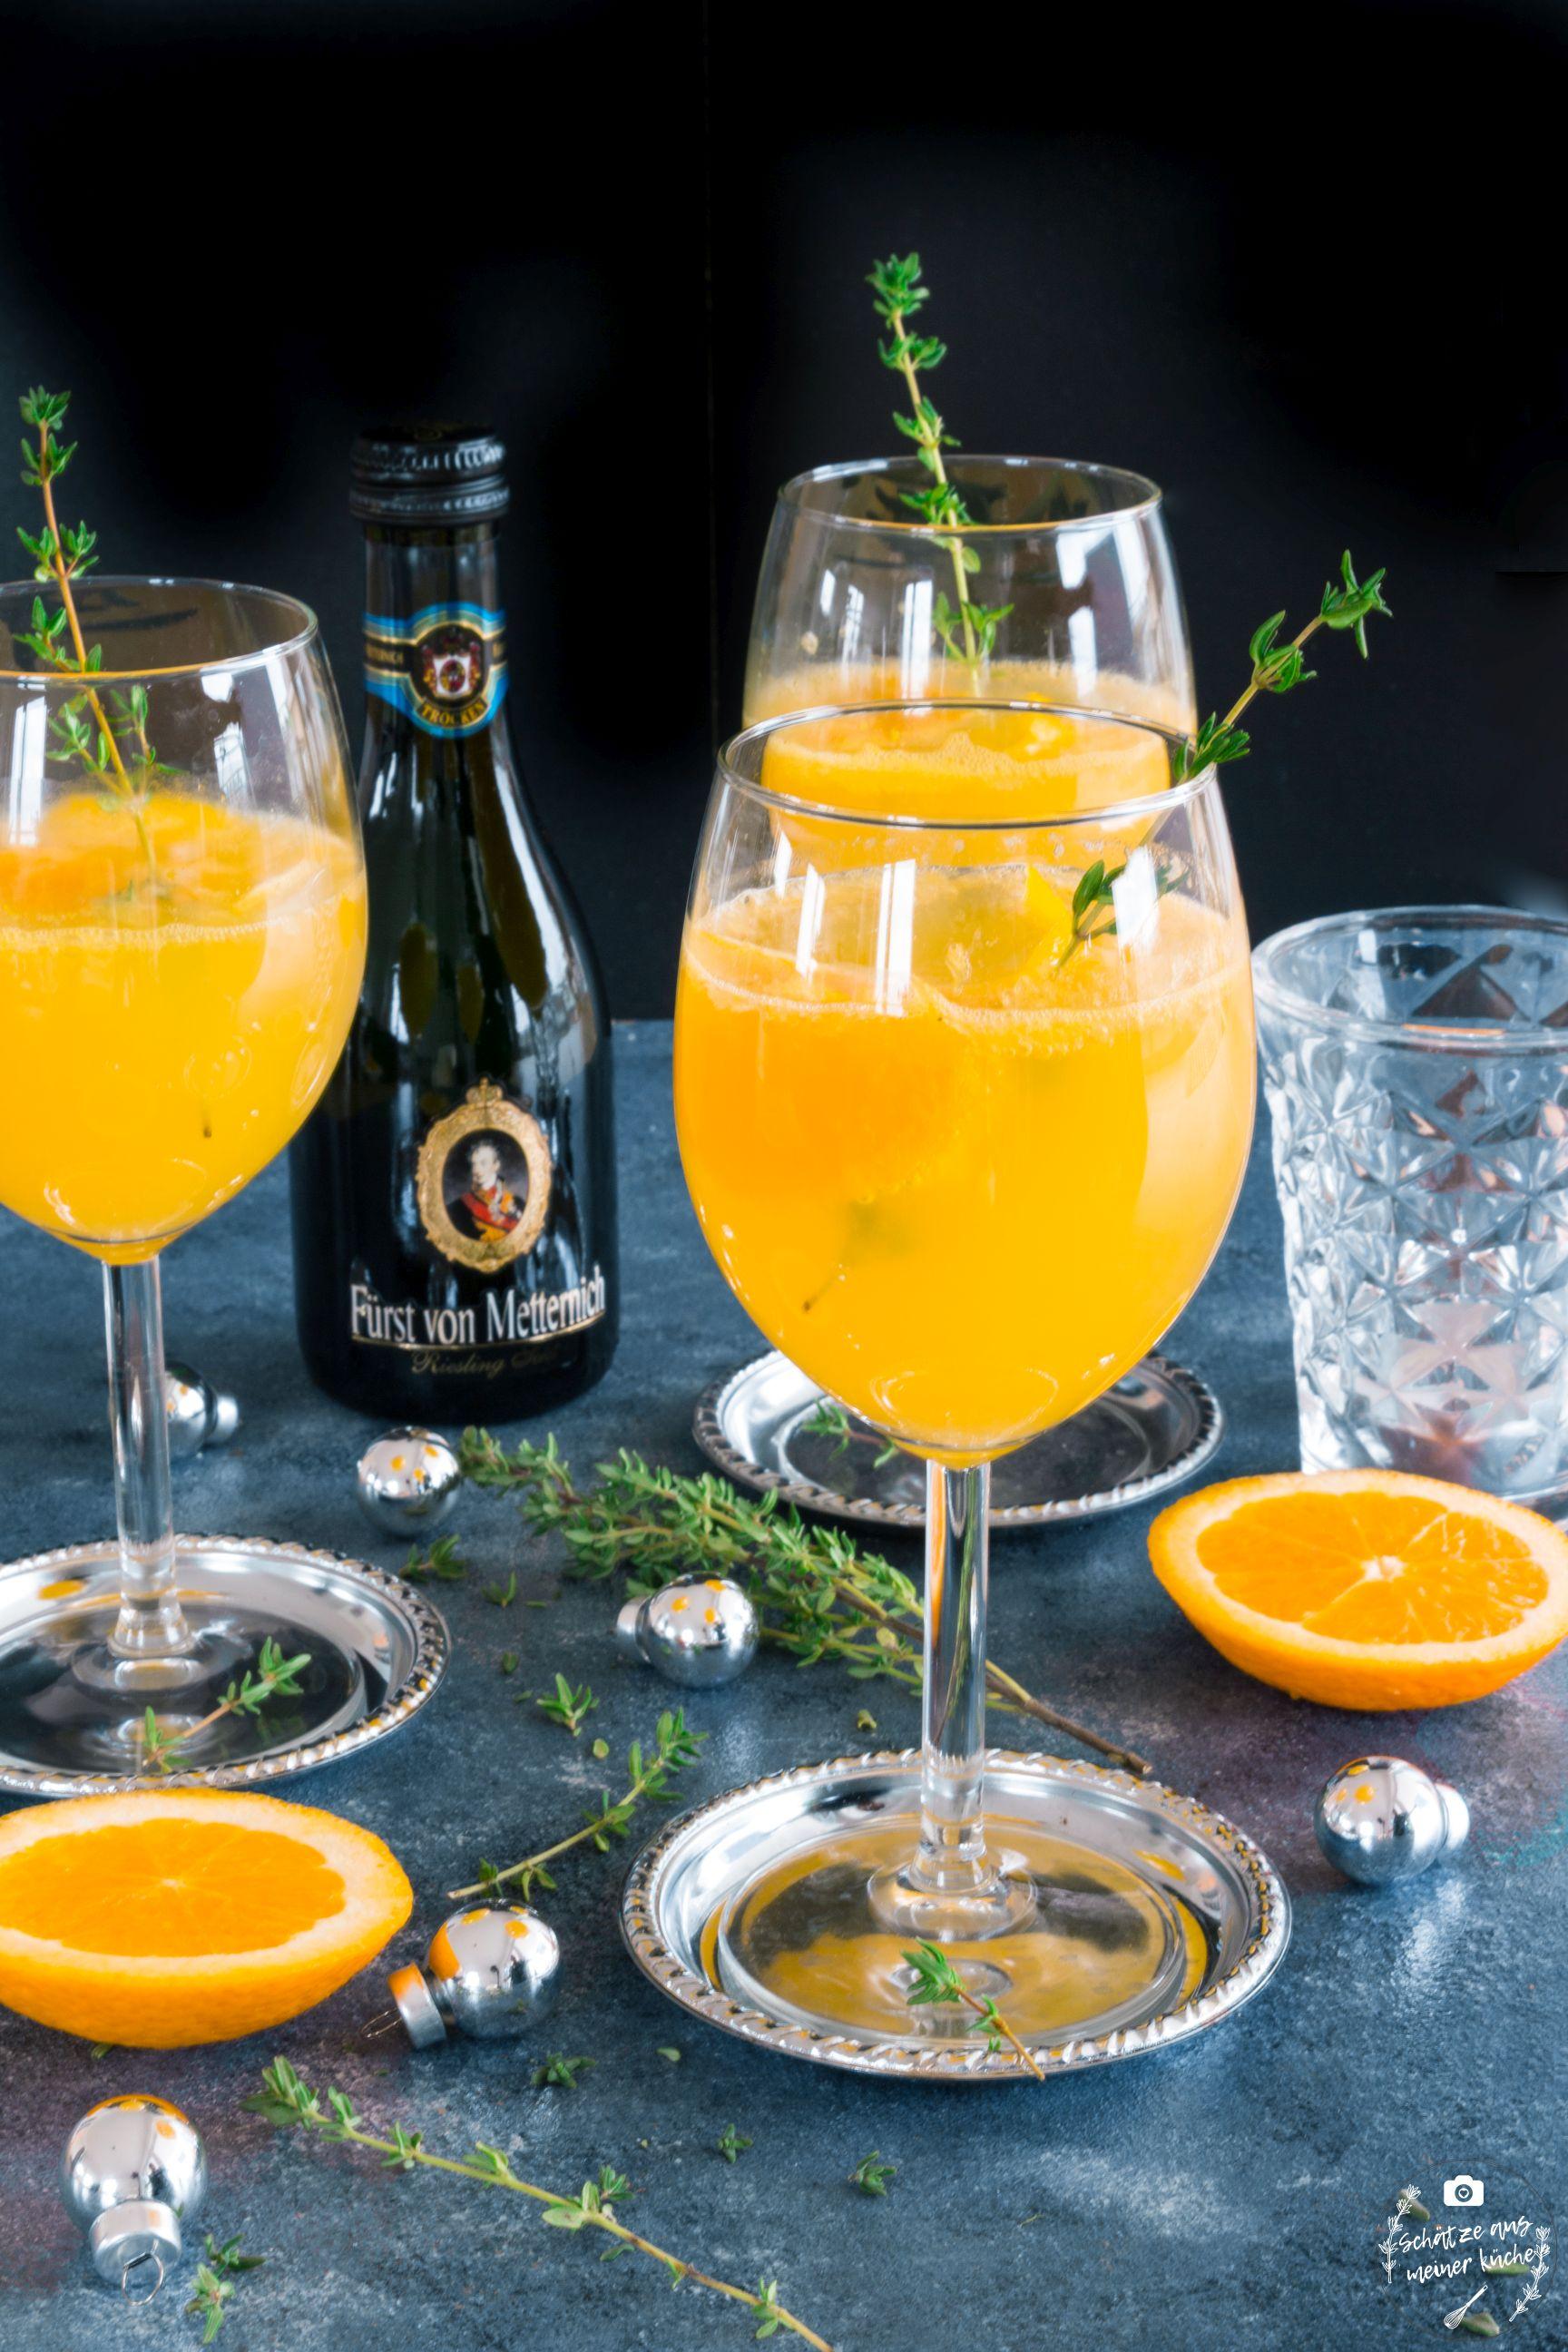 Orangen-Thyian-Spritz mit Riesling-Sekt Fürst von Metternich